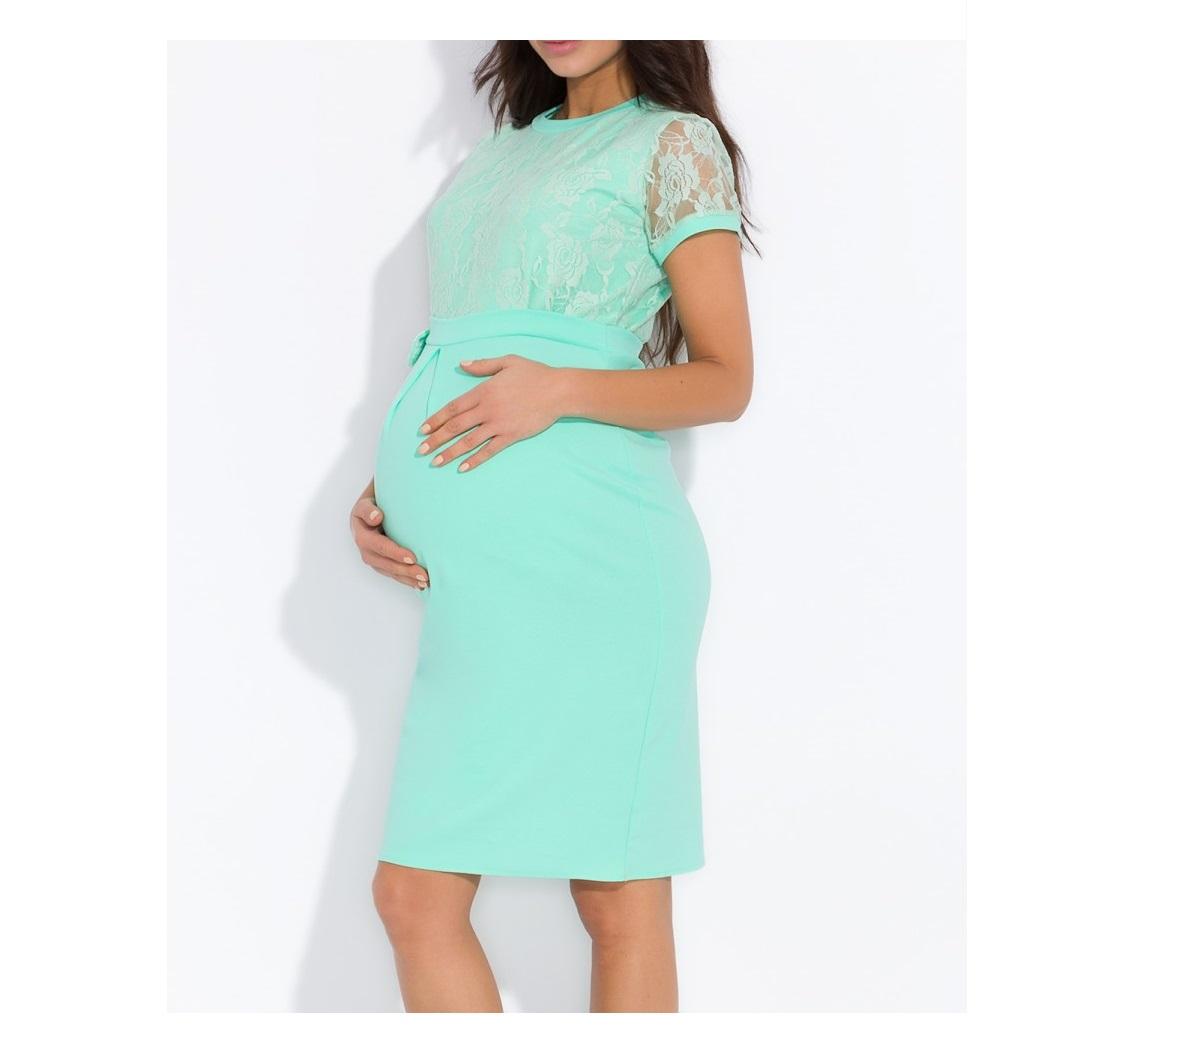 a4784bc894 Elegancka sukienka z koronką (ciążowa) NOWA KOLEKCJA